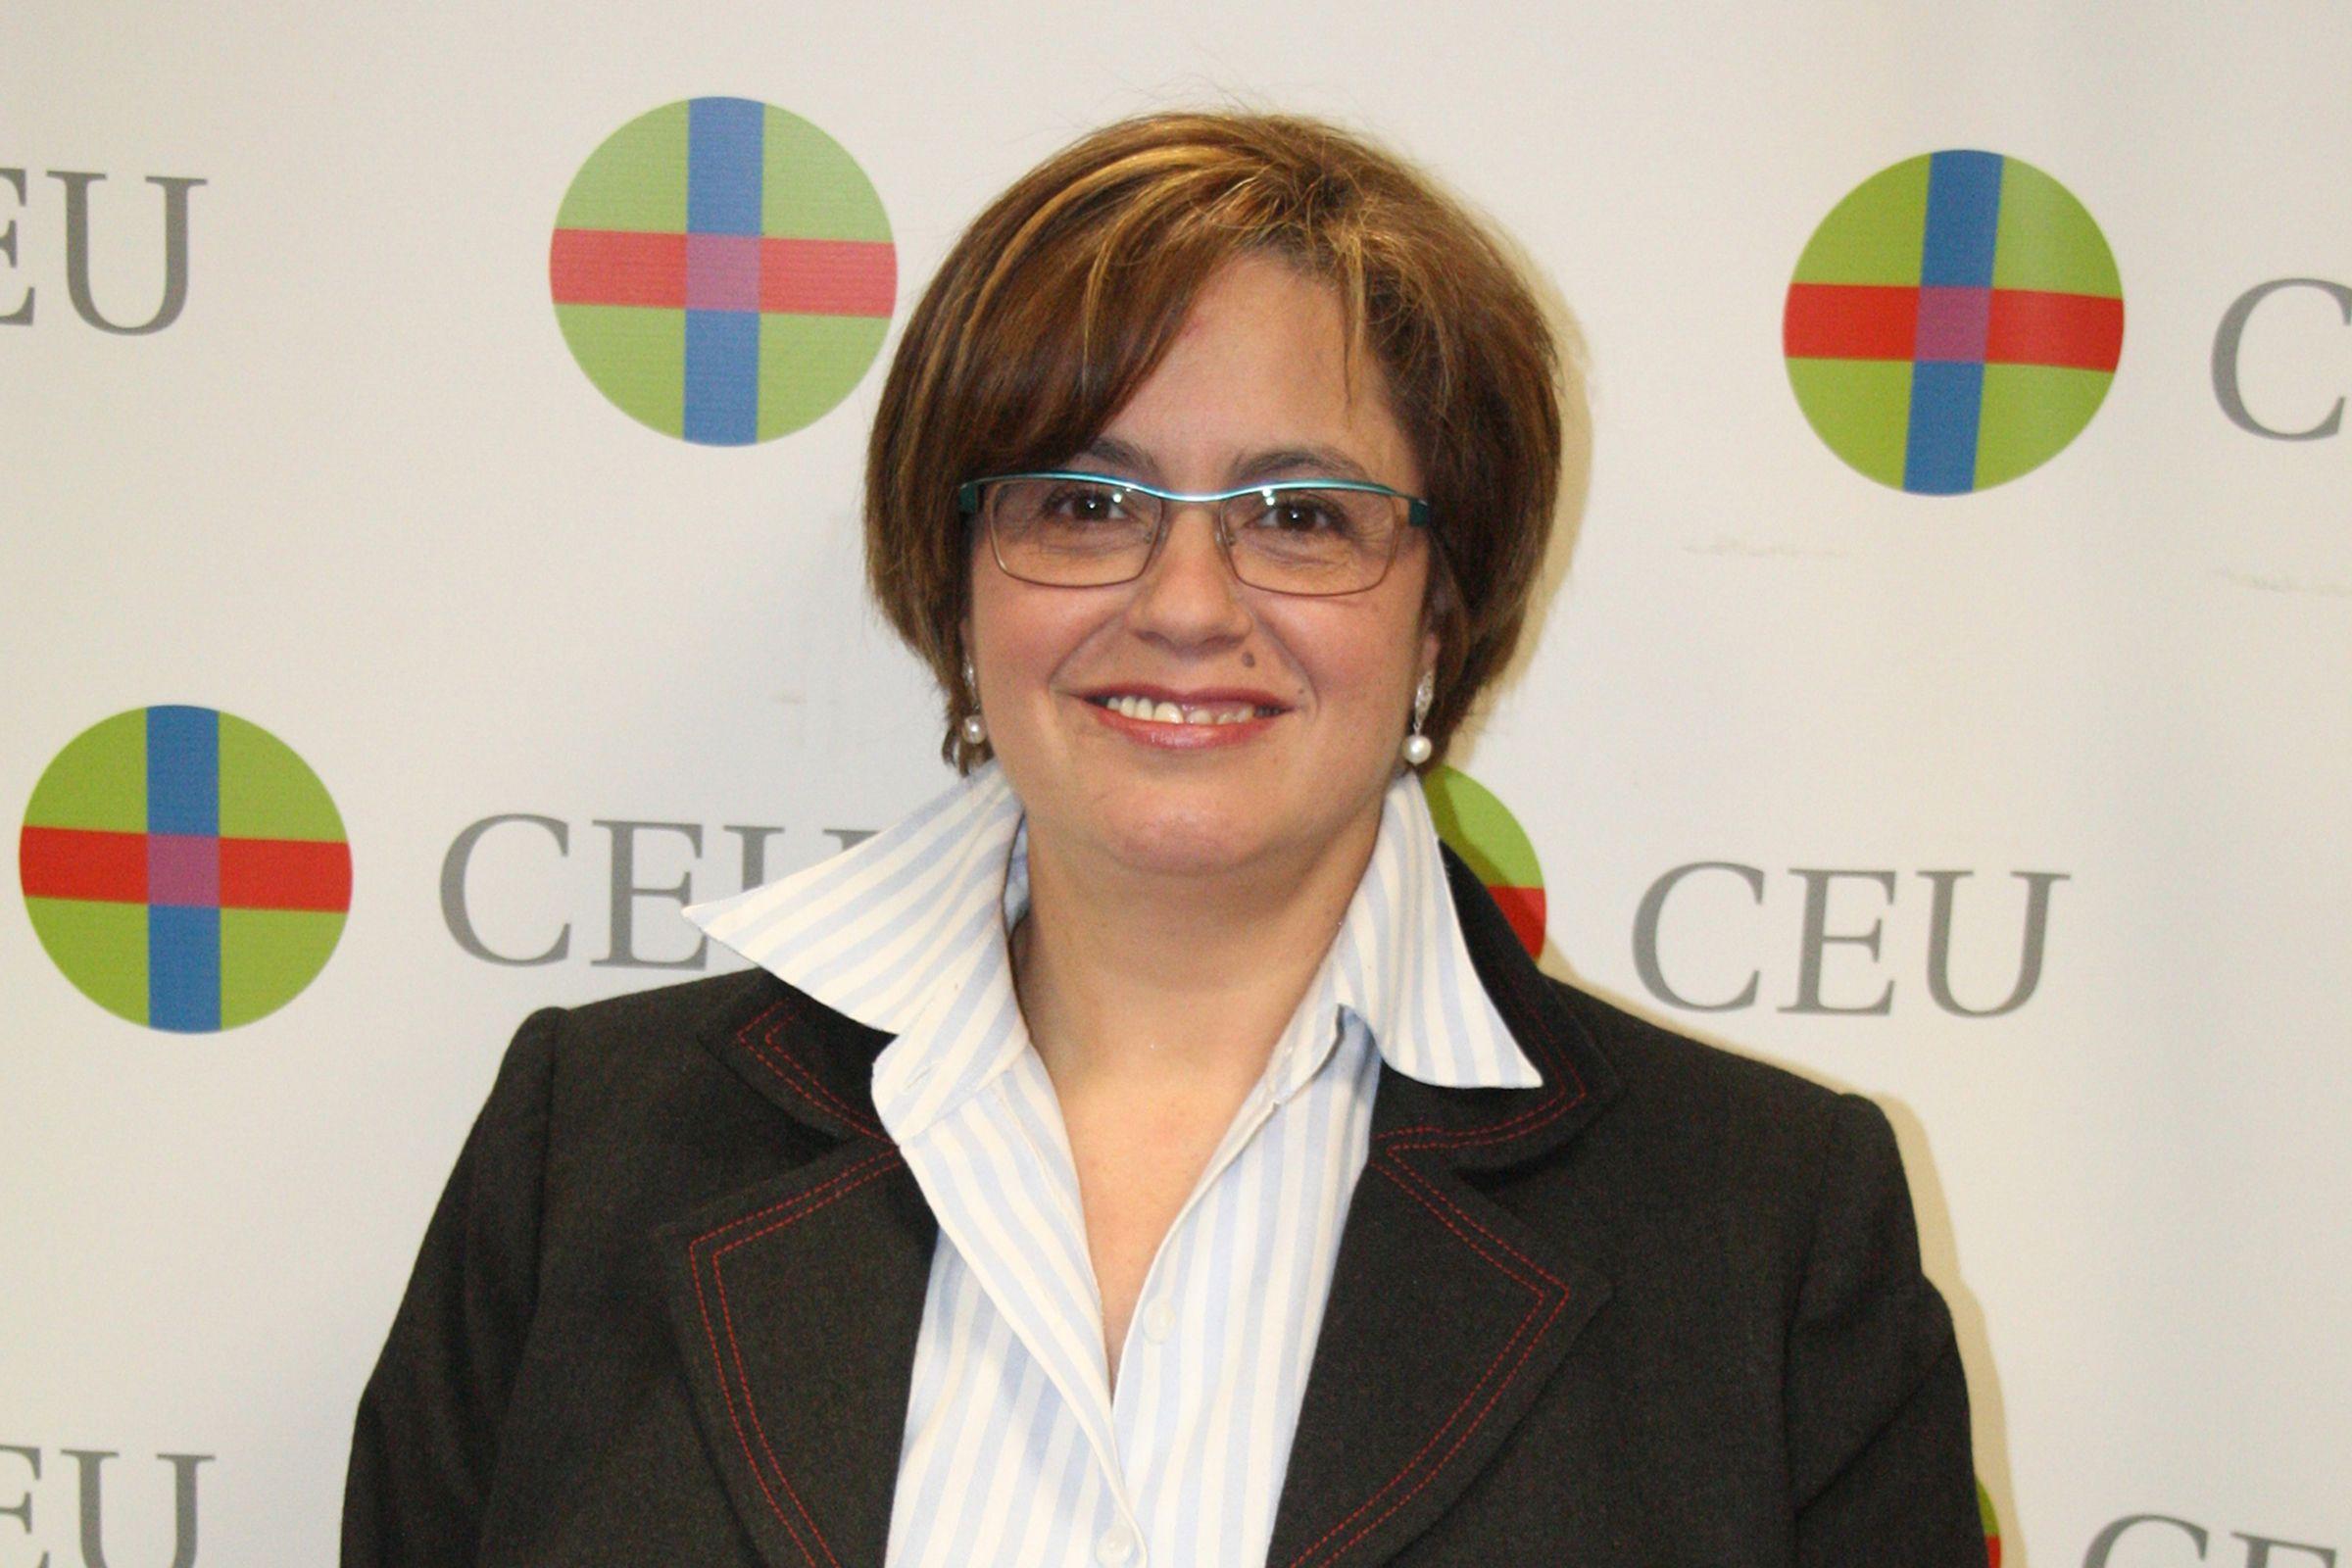 Inés González Sánchez, profesora asociada de Grado en Enfermería en la UCH-CEU de Elche, coautora de la investigación.